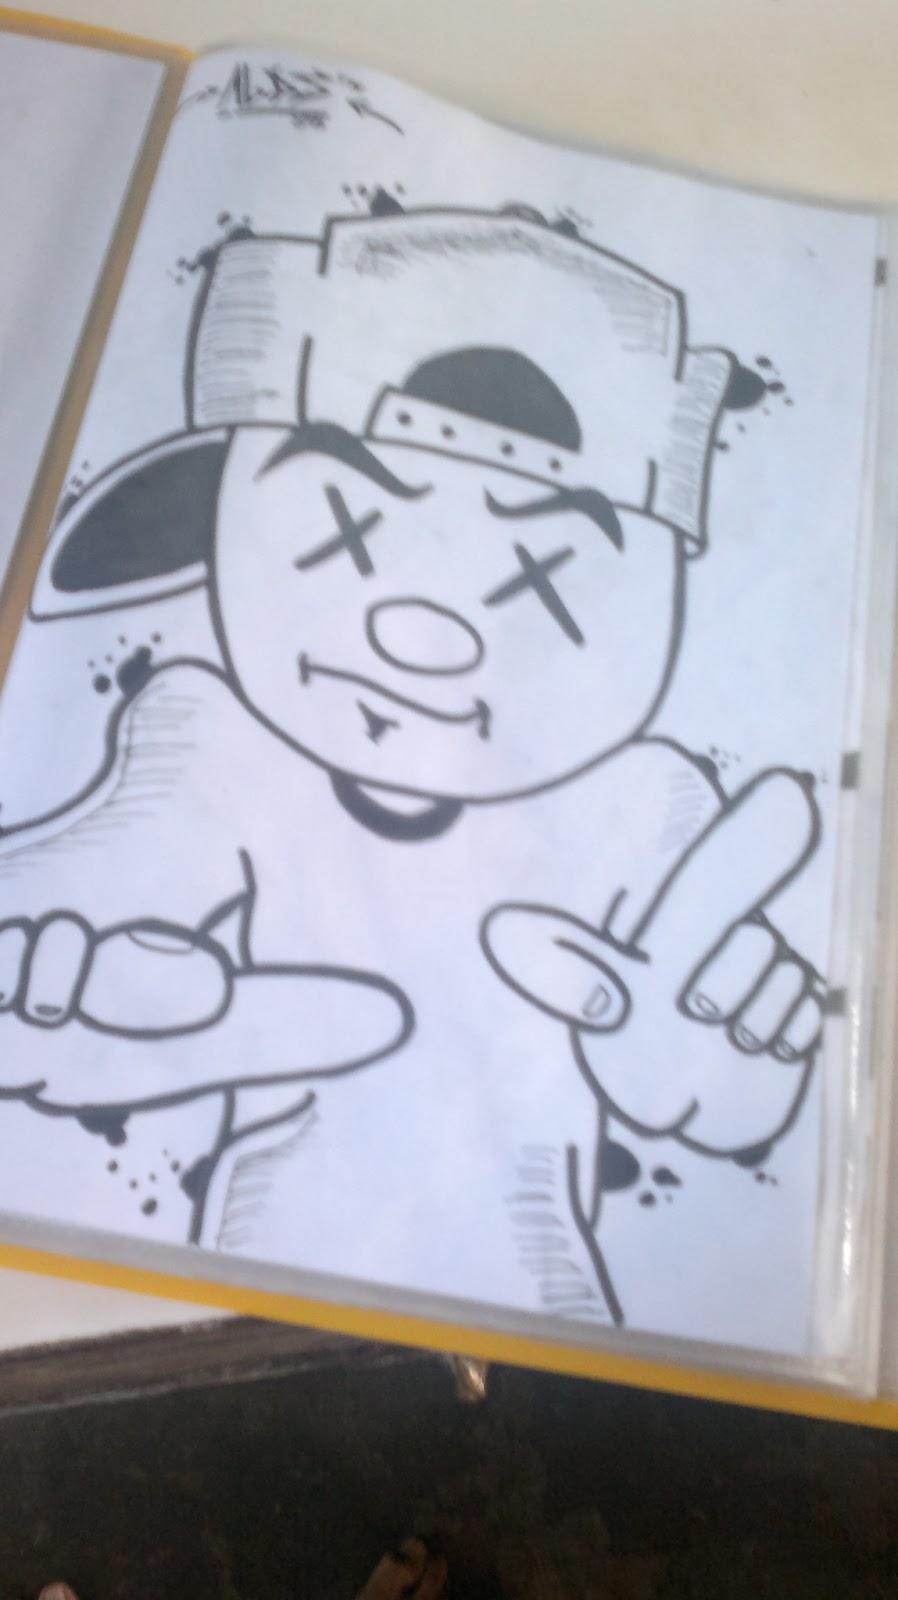 Gambar aldho alds04 sih mural nih koleksi gambar grafiti pake